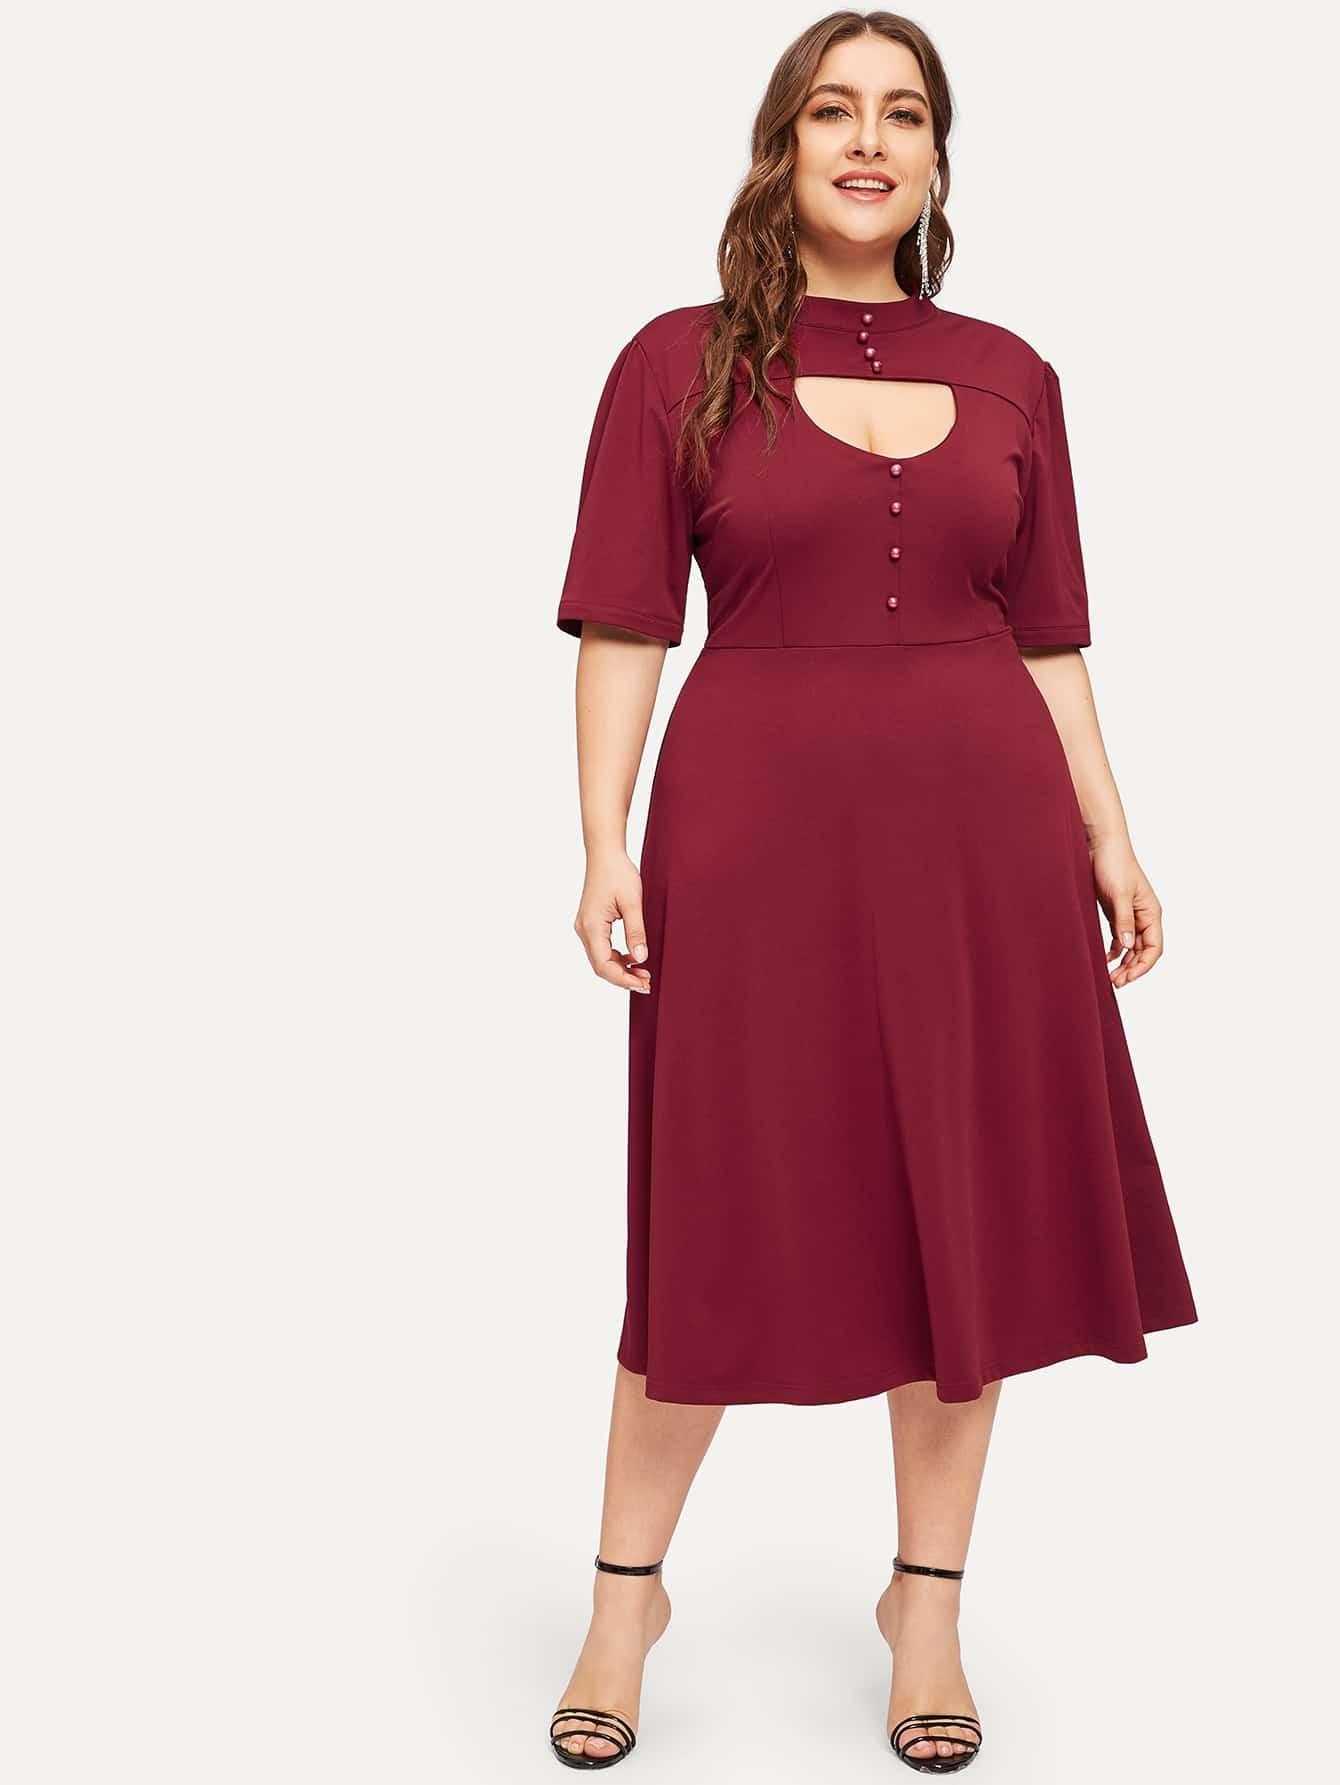 Размера плюс платье с бисерами